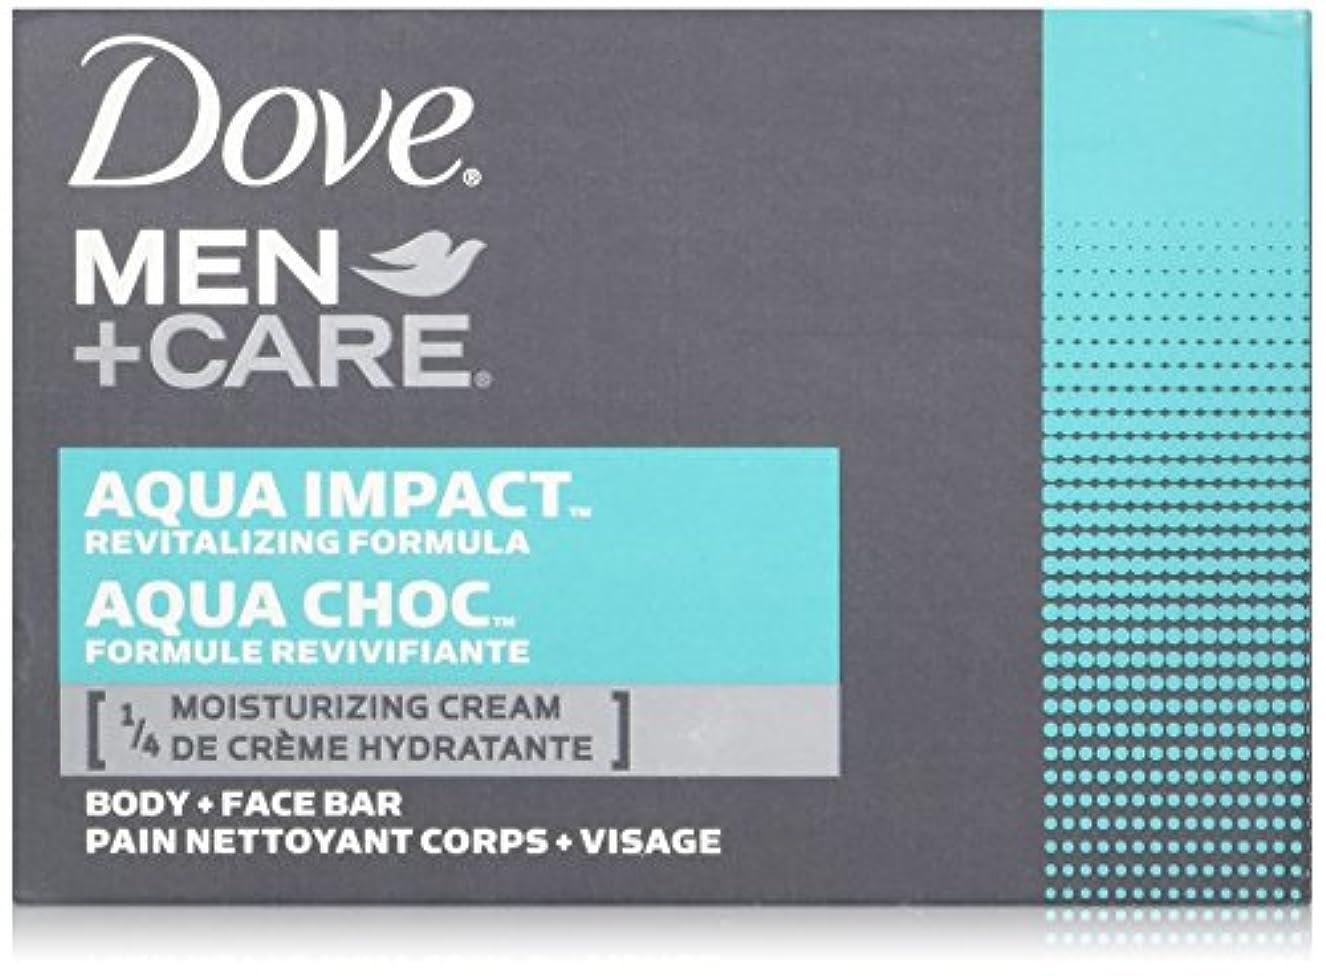 段落休みミトンDove Men + Care Body and Face Bar, AQUA IMPACT 4oz x 6soaps ダブ メン プラスケア アクアインパクト 固形石鹸 4oz x 6個パック